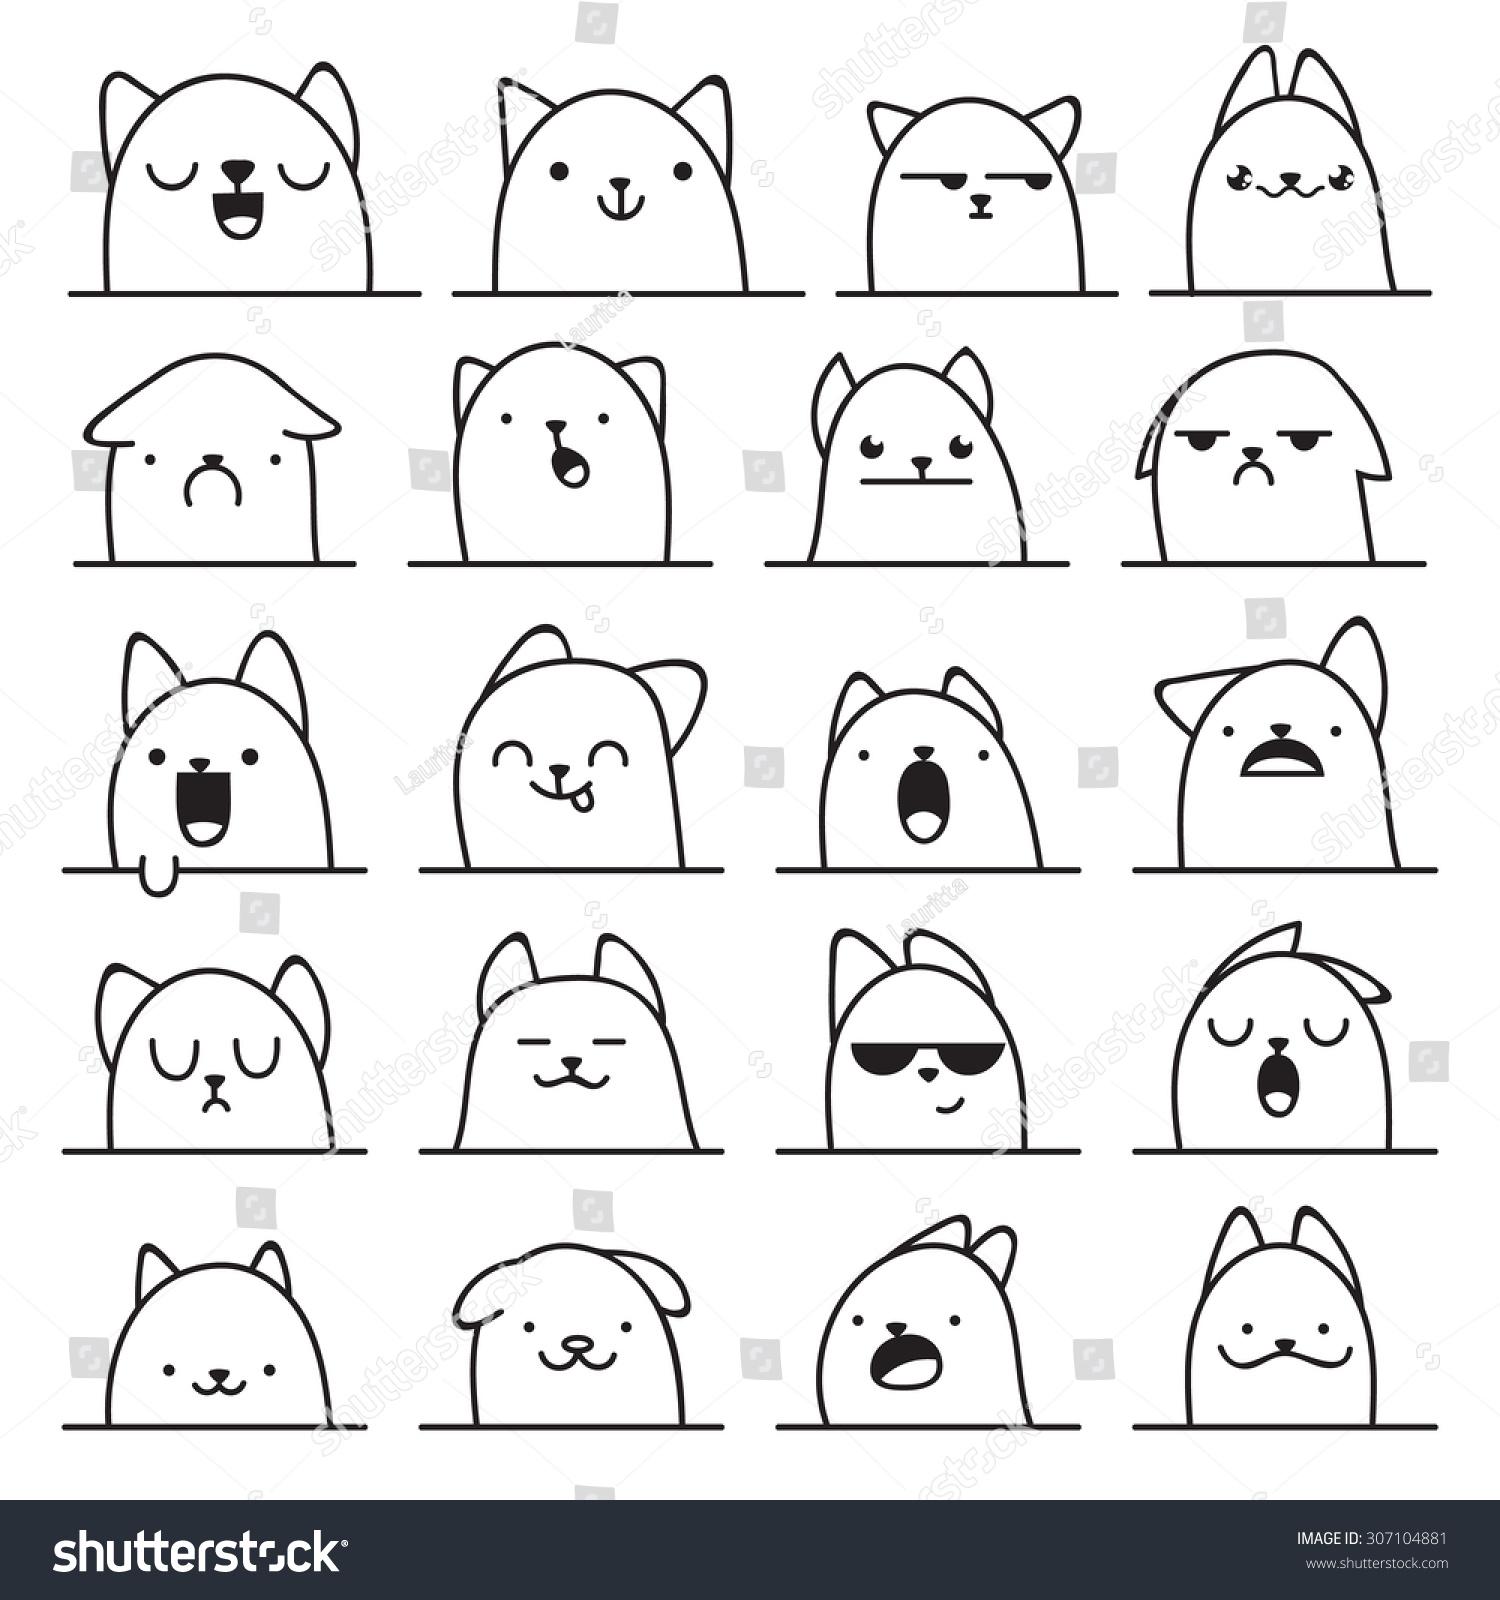 set of 20 different doodle emotions cat smile for design